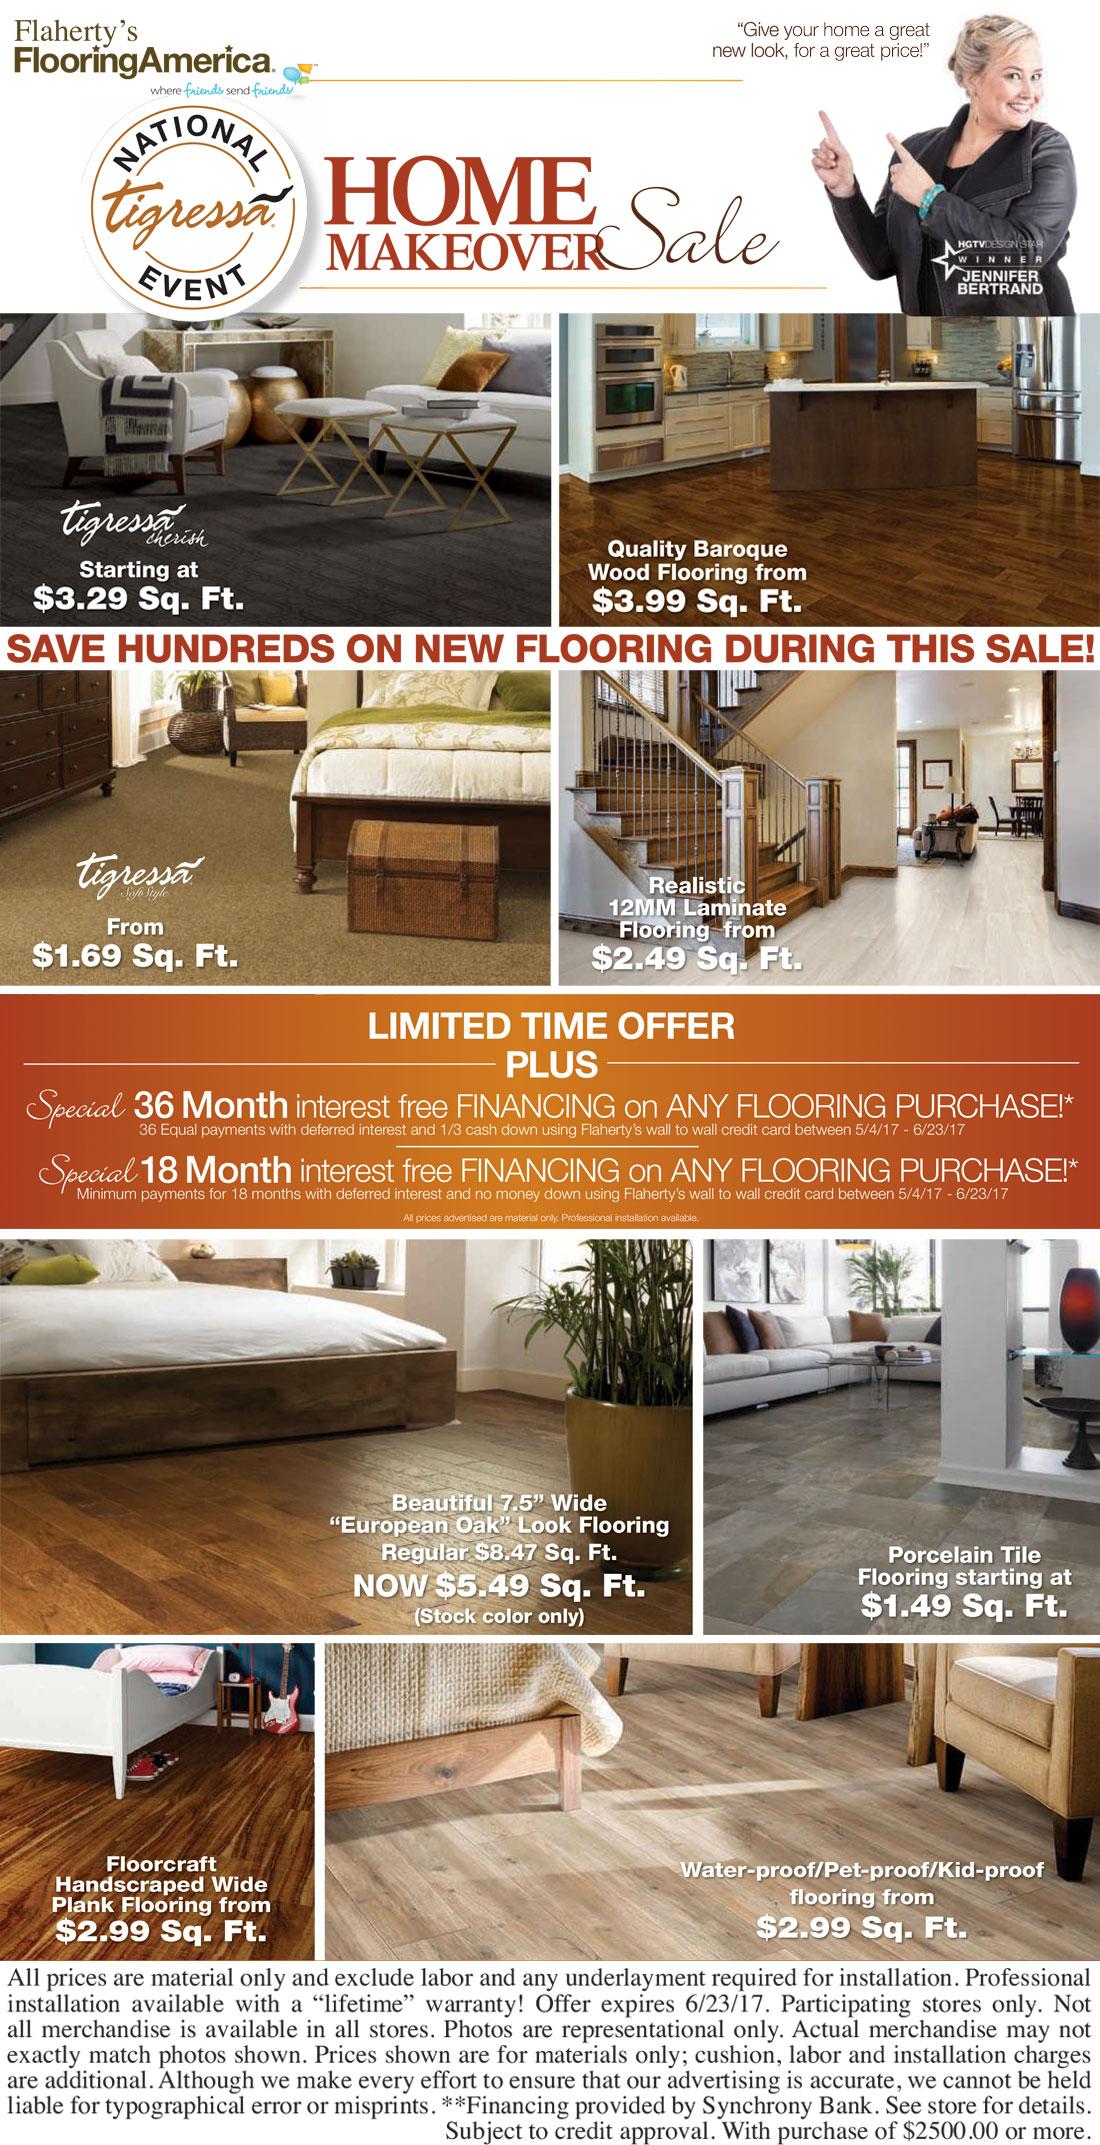 Flahertys May2017 Website Houston Flooring Store Flahertys Flooring